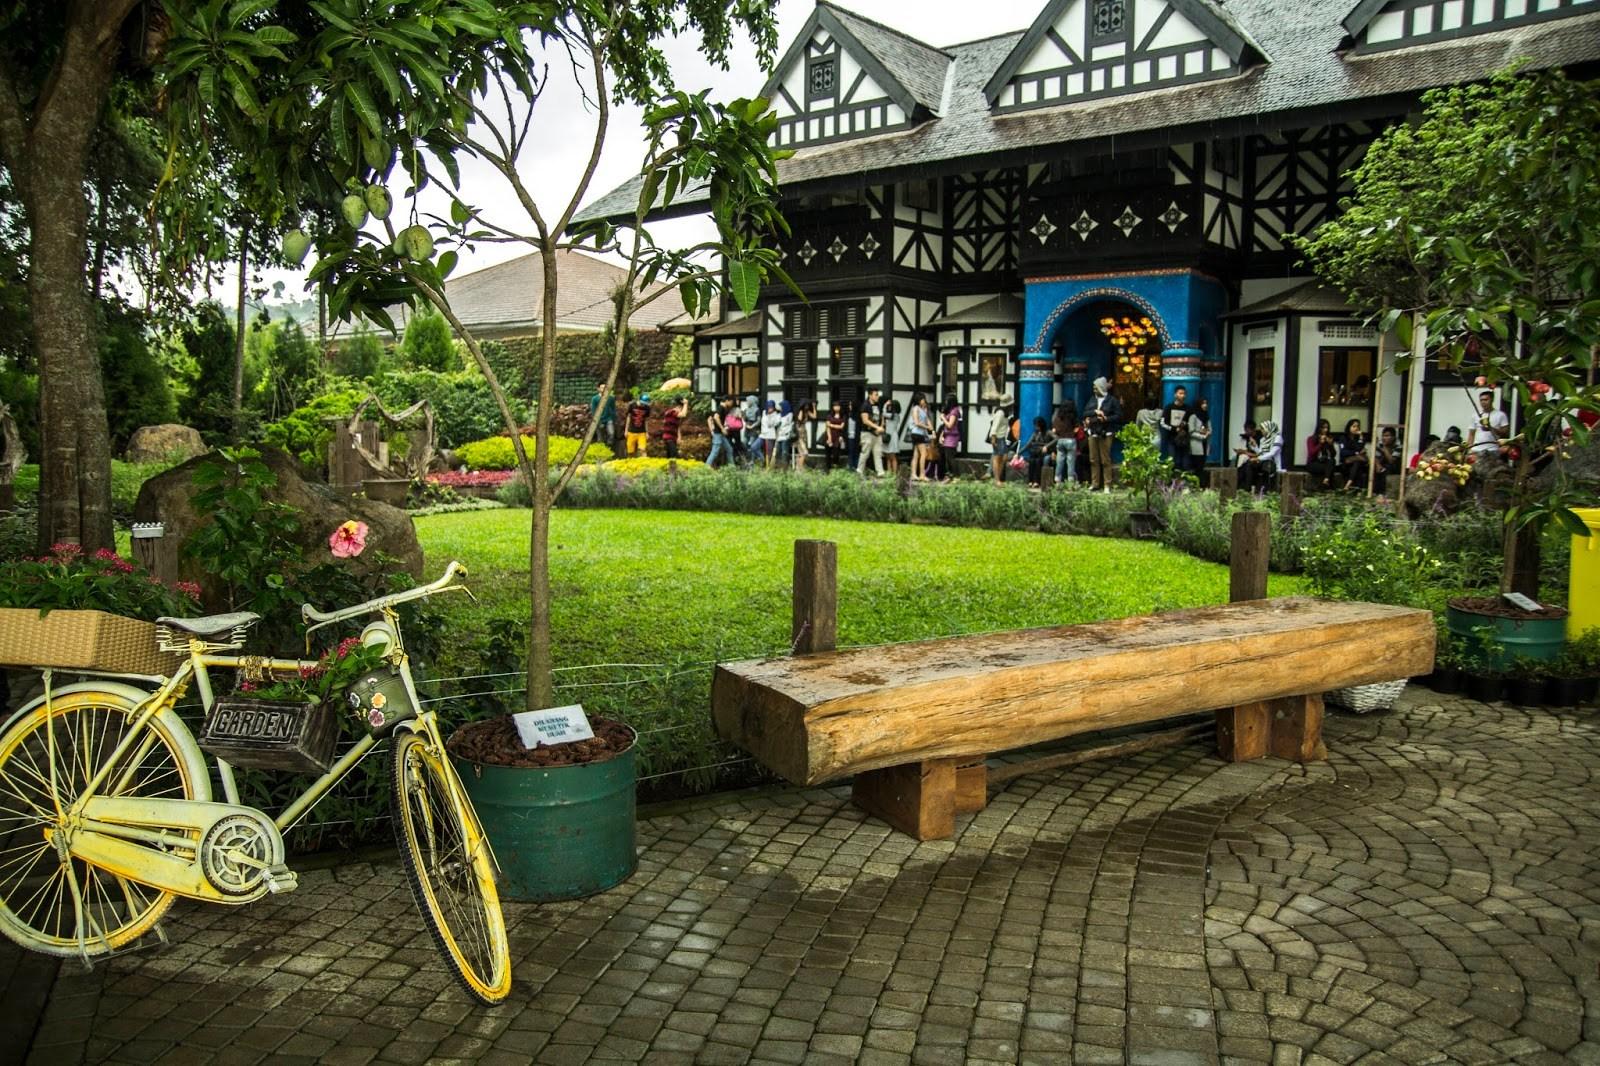 Bisa Berkeliling ke Banyak Tempat Wisata - Pelesir ke Paris van Java? Sewa Elf Bandung Saja!